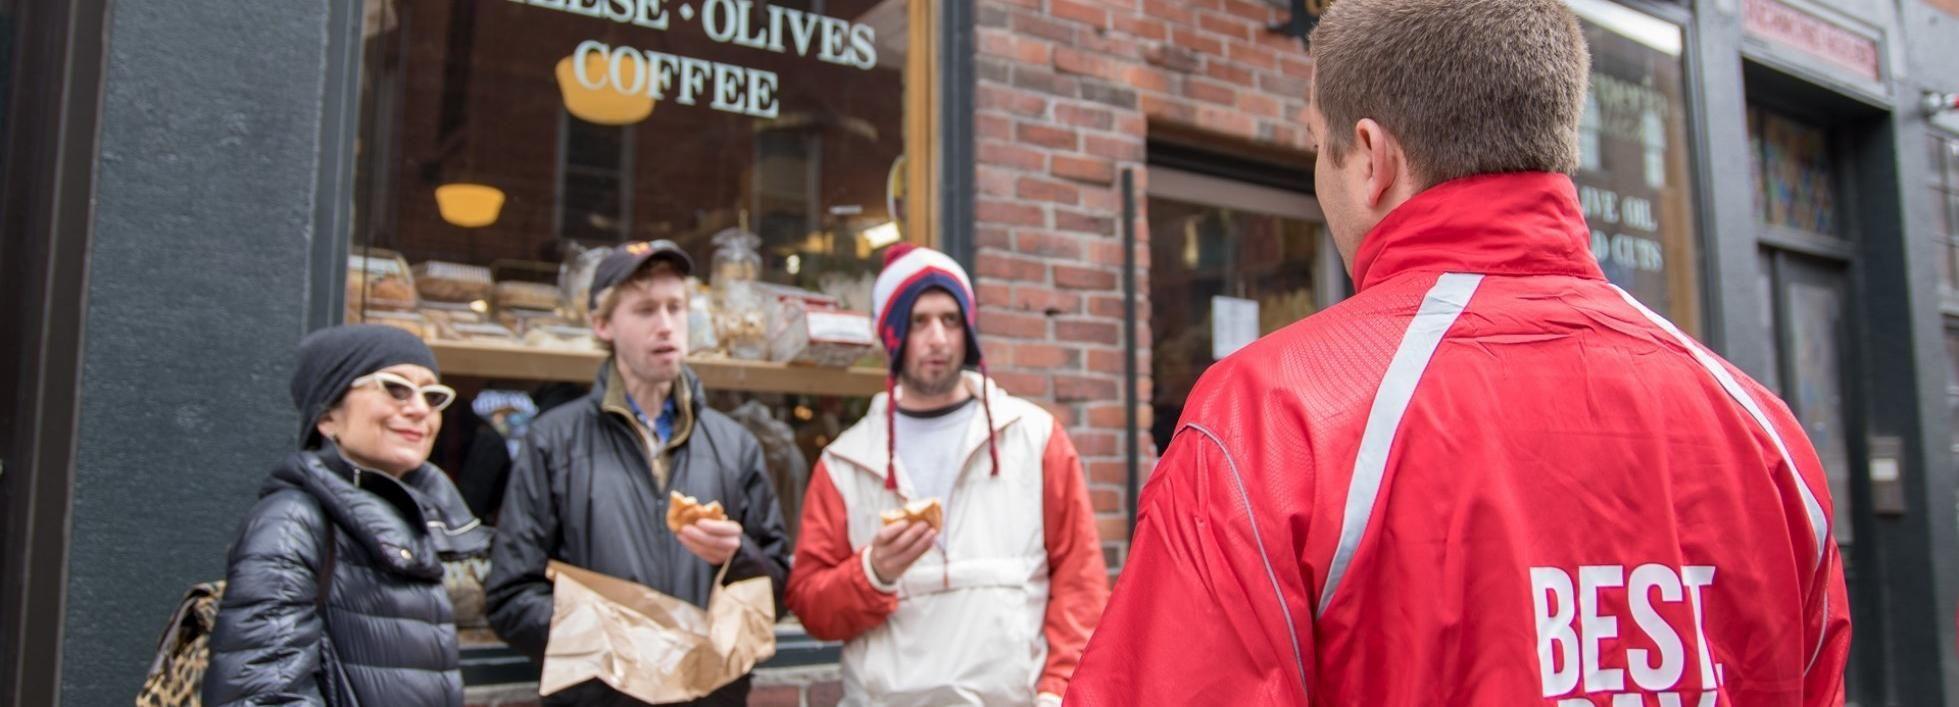 Boston: Excursão Gastronômica Italiana com Pizza, Carnes, Queijo e Pão